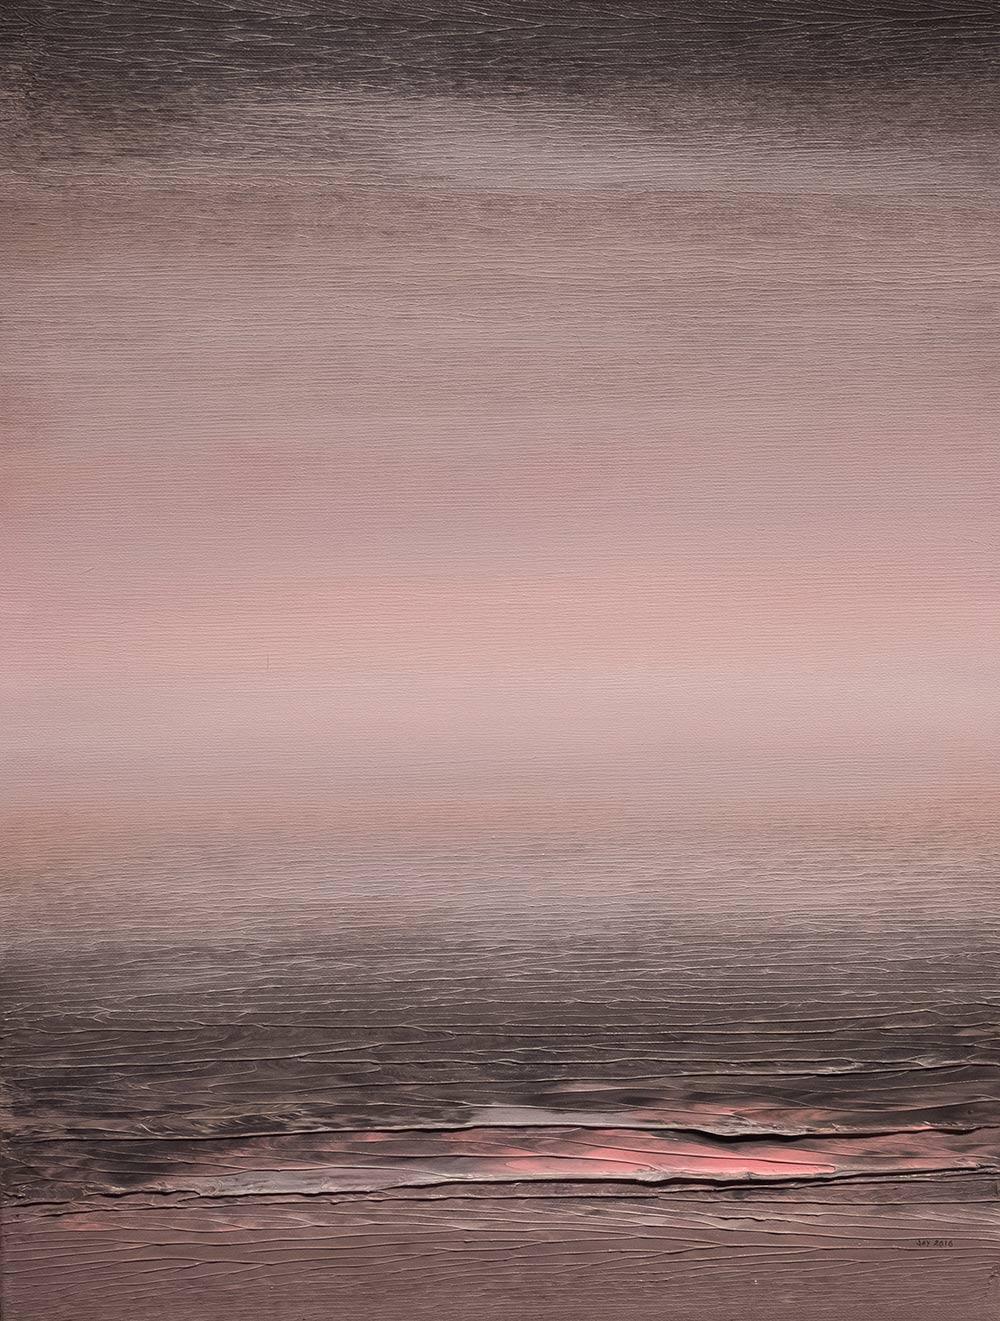 David-Joy-Seascapes-D19-013-33